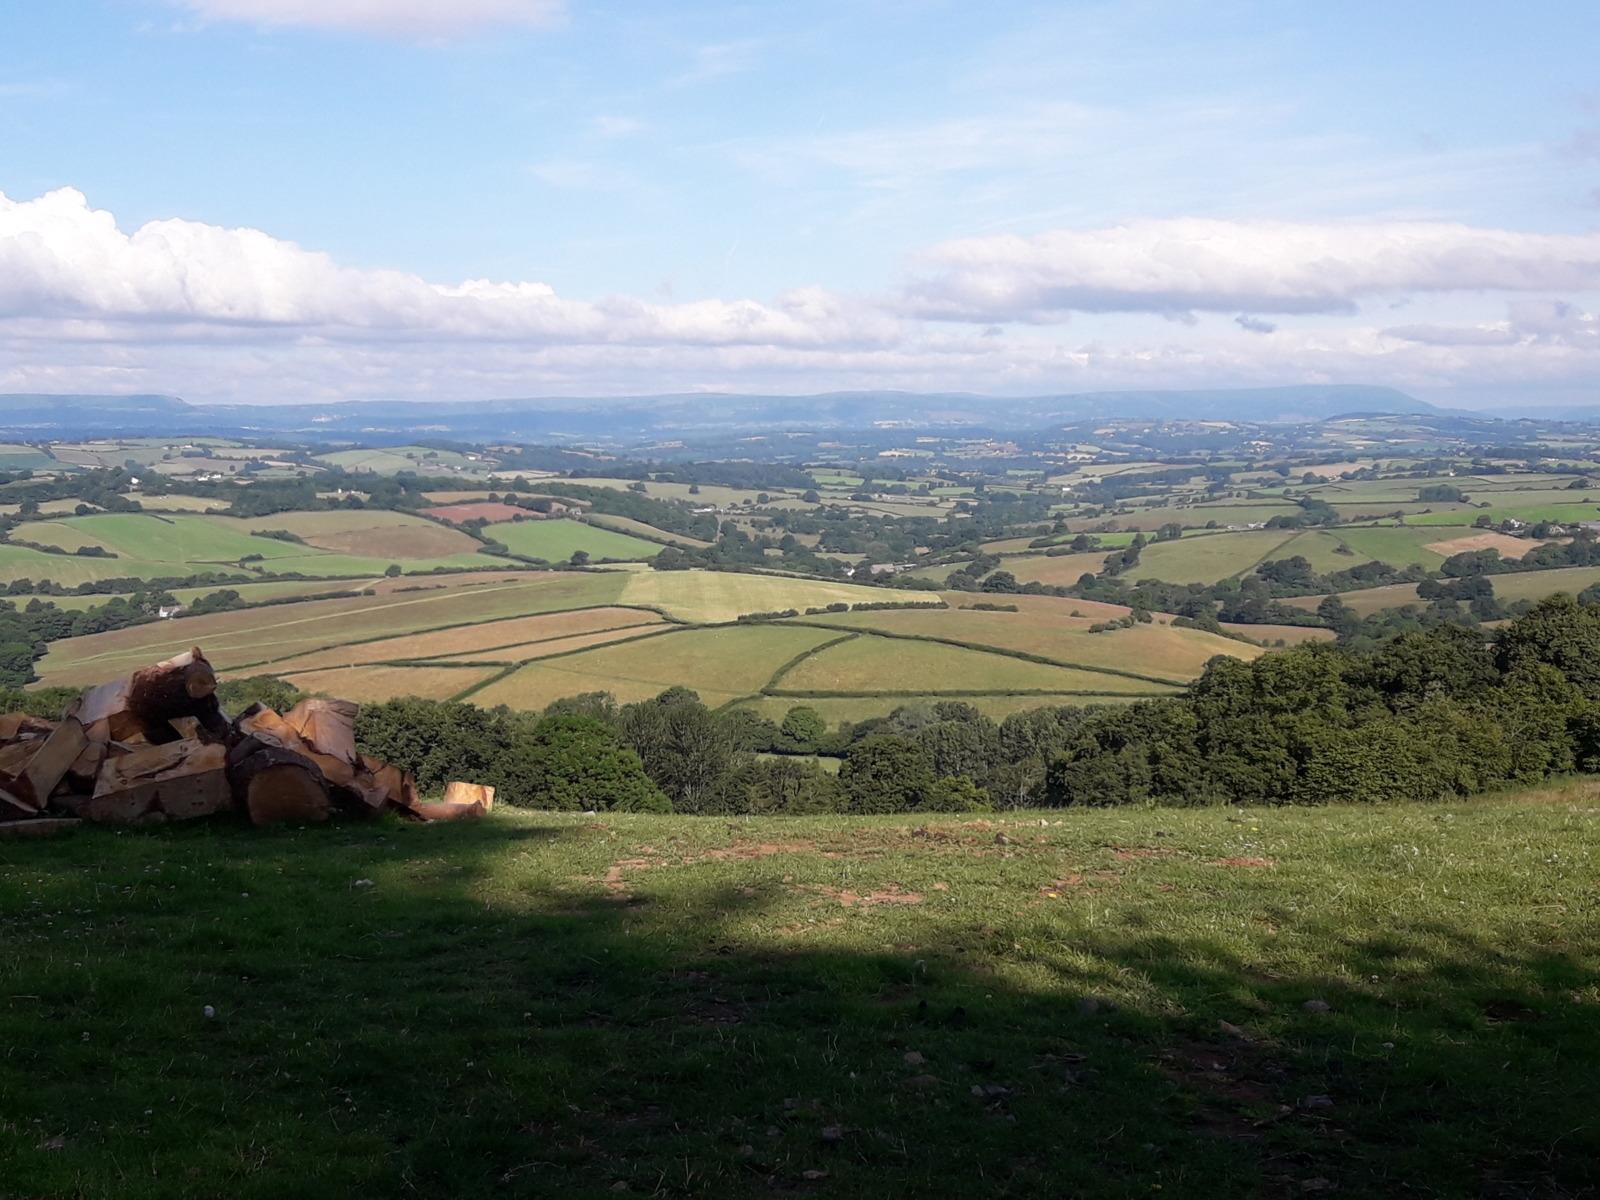 Overlooking hills